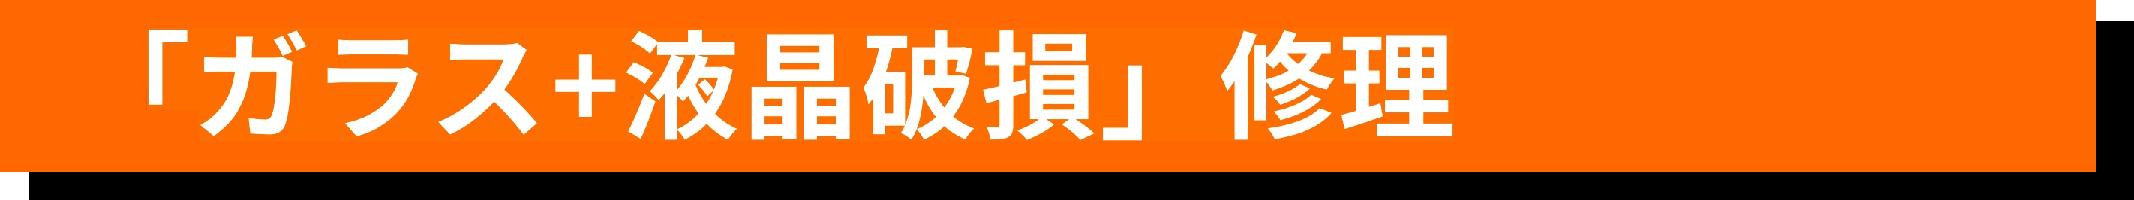 「ガラス+液晶破損」修理 極太バー.png